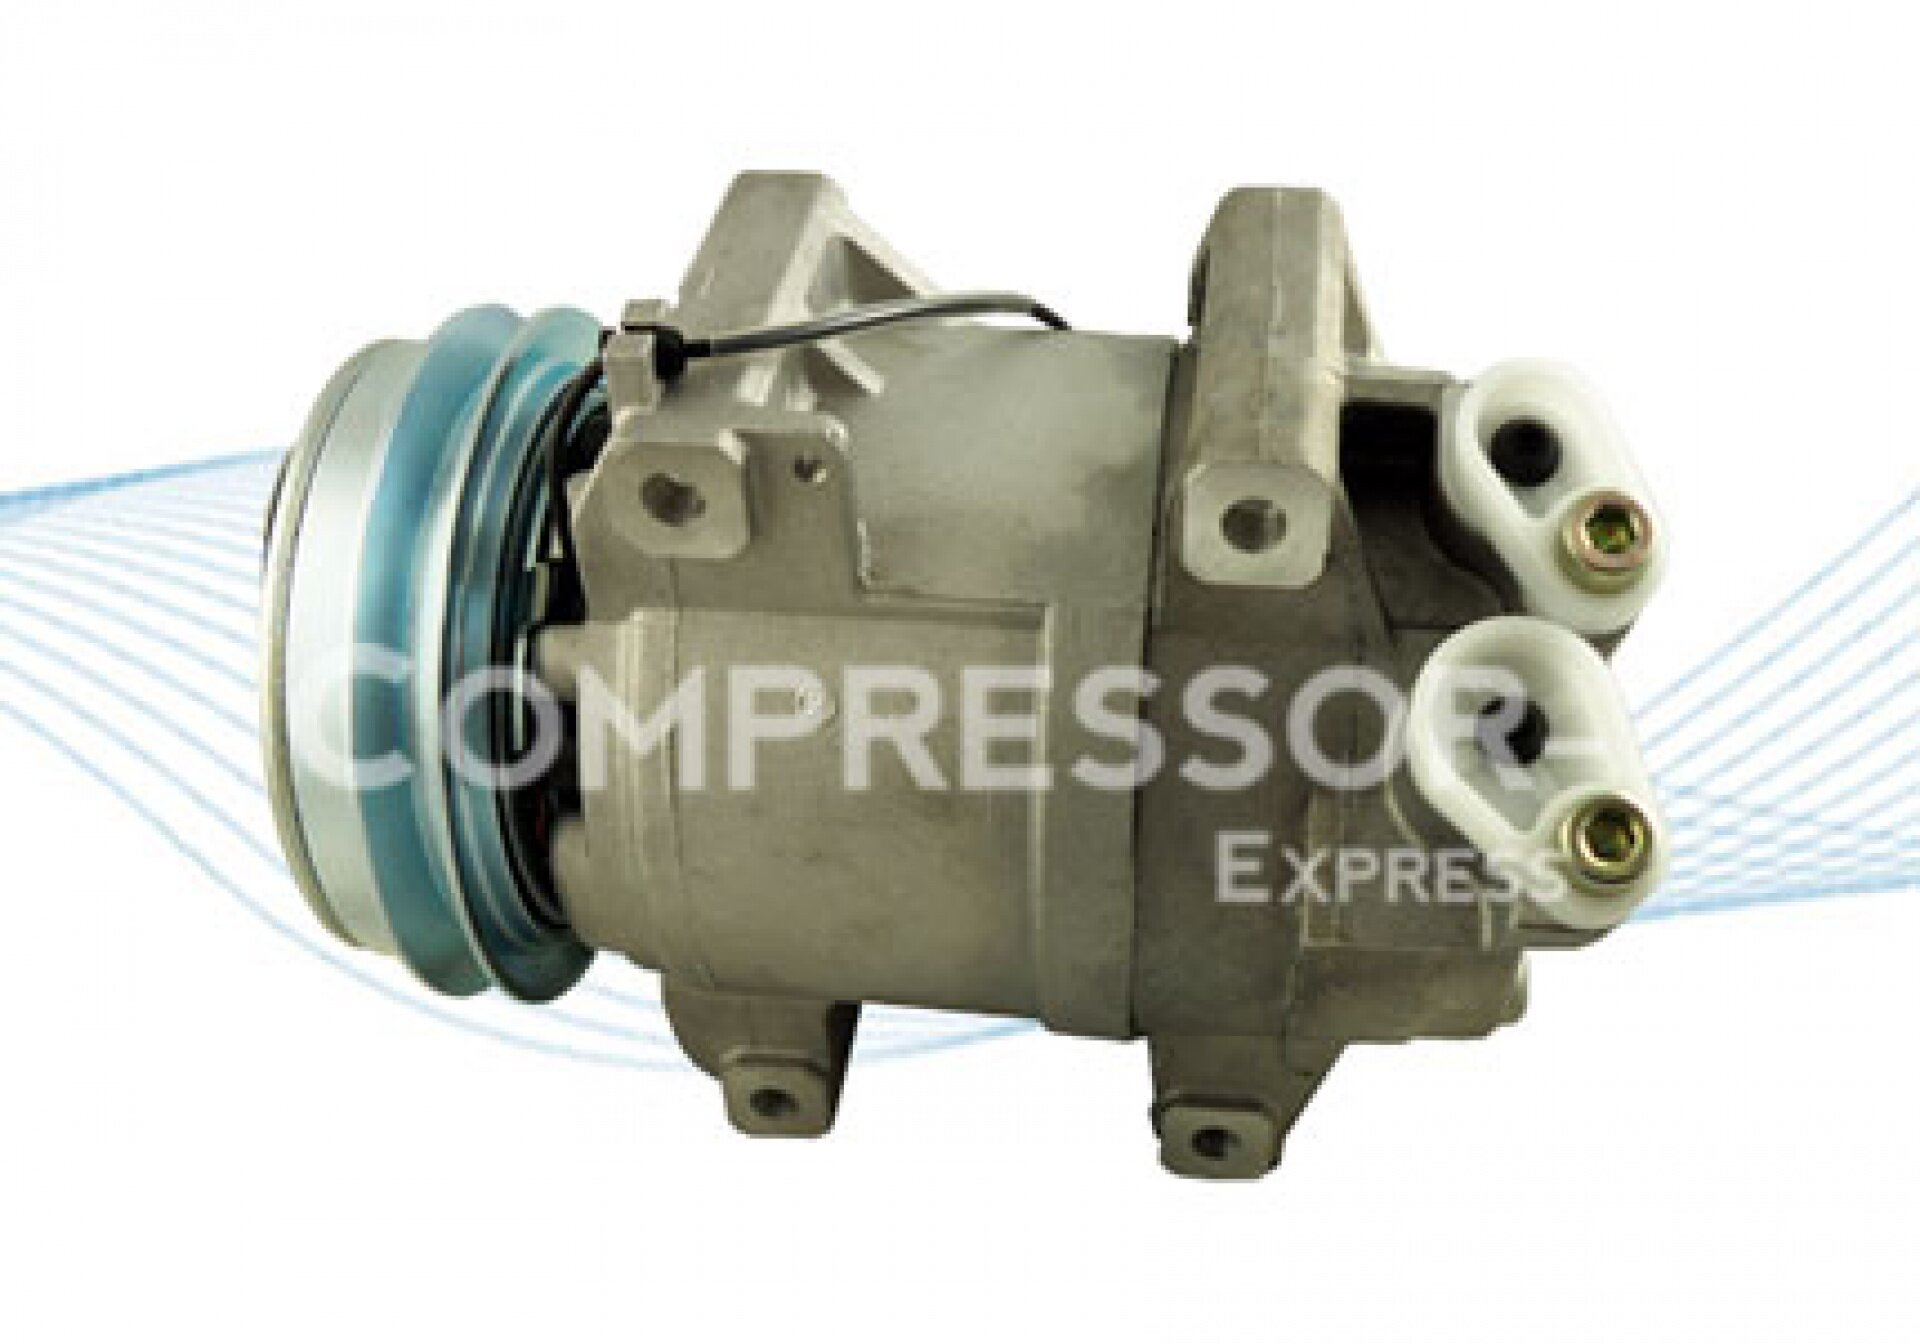 Mitsubishi L200 05 15 Ac Compressor Mn123626 506012 1511 Kompresor Pajero Sport Valeo 35 Dks15d 1ga Aft